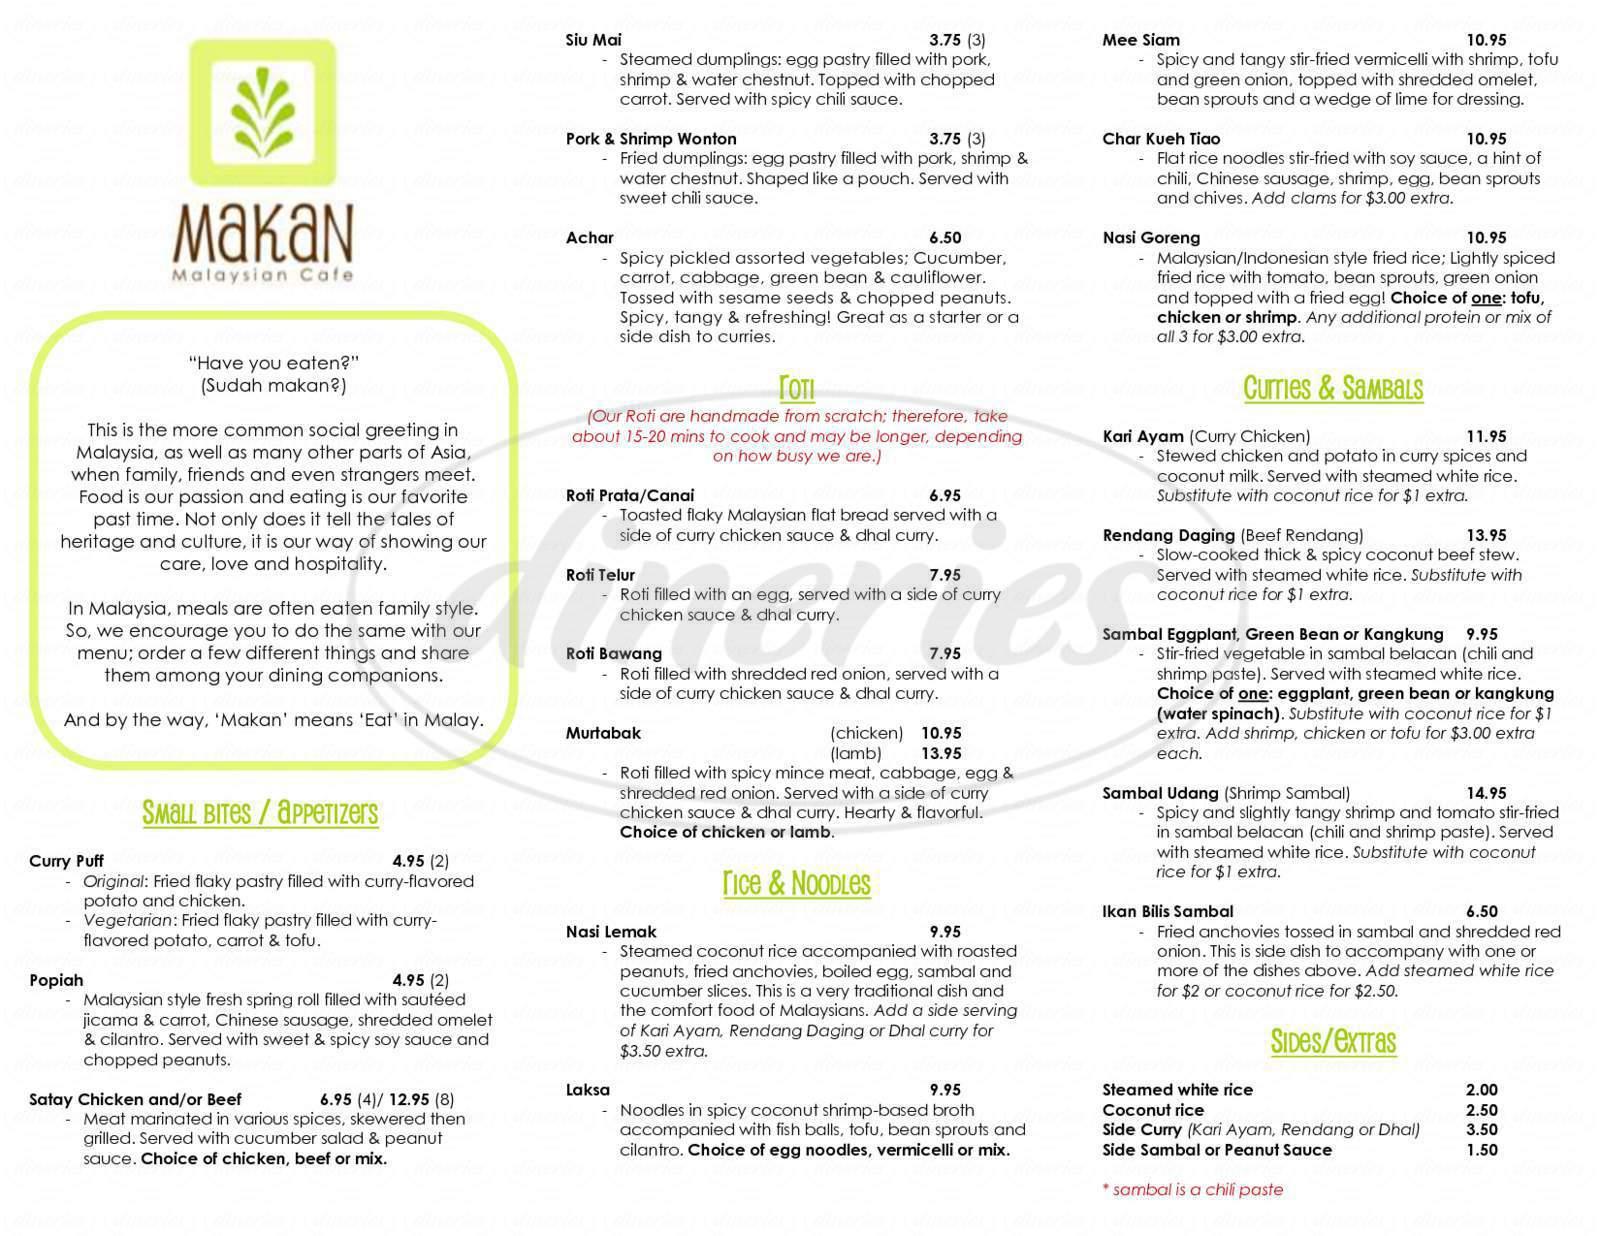 menu for Makan Malaysian Cafe